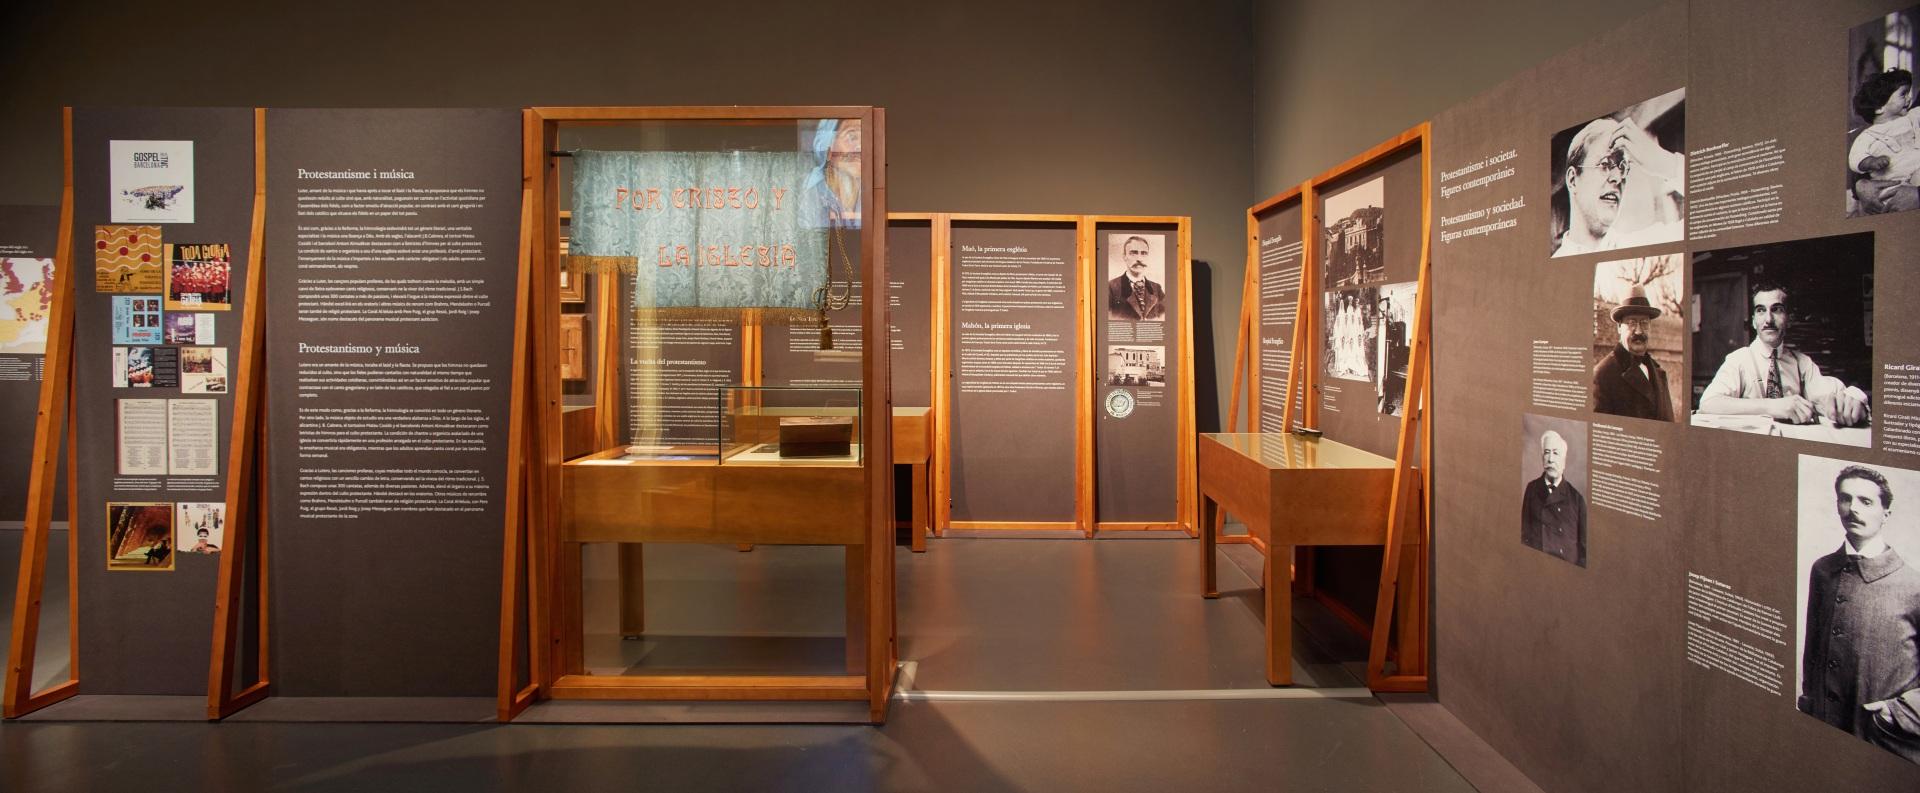 Exposición protestantes Caixaforum. Paneles y vitrinas con estandarte y retratos de personajes protestantes relevantes.